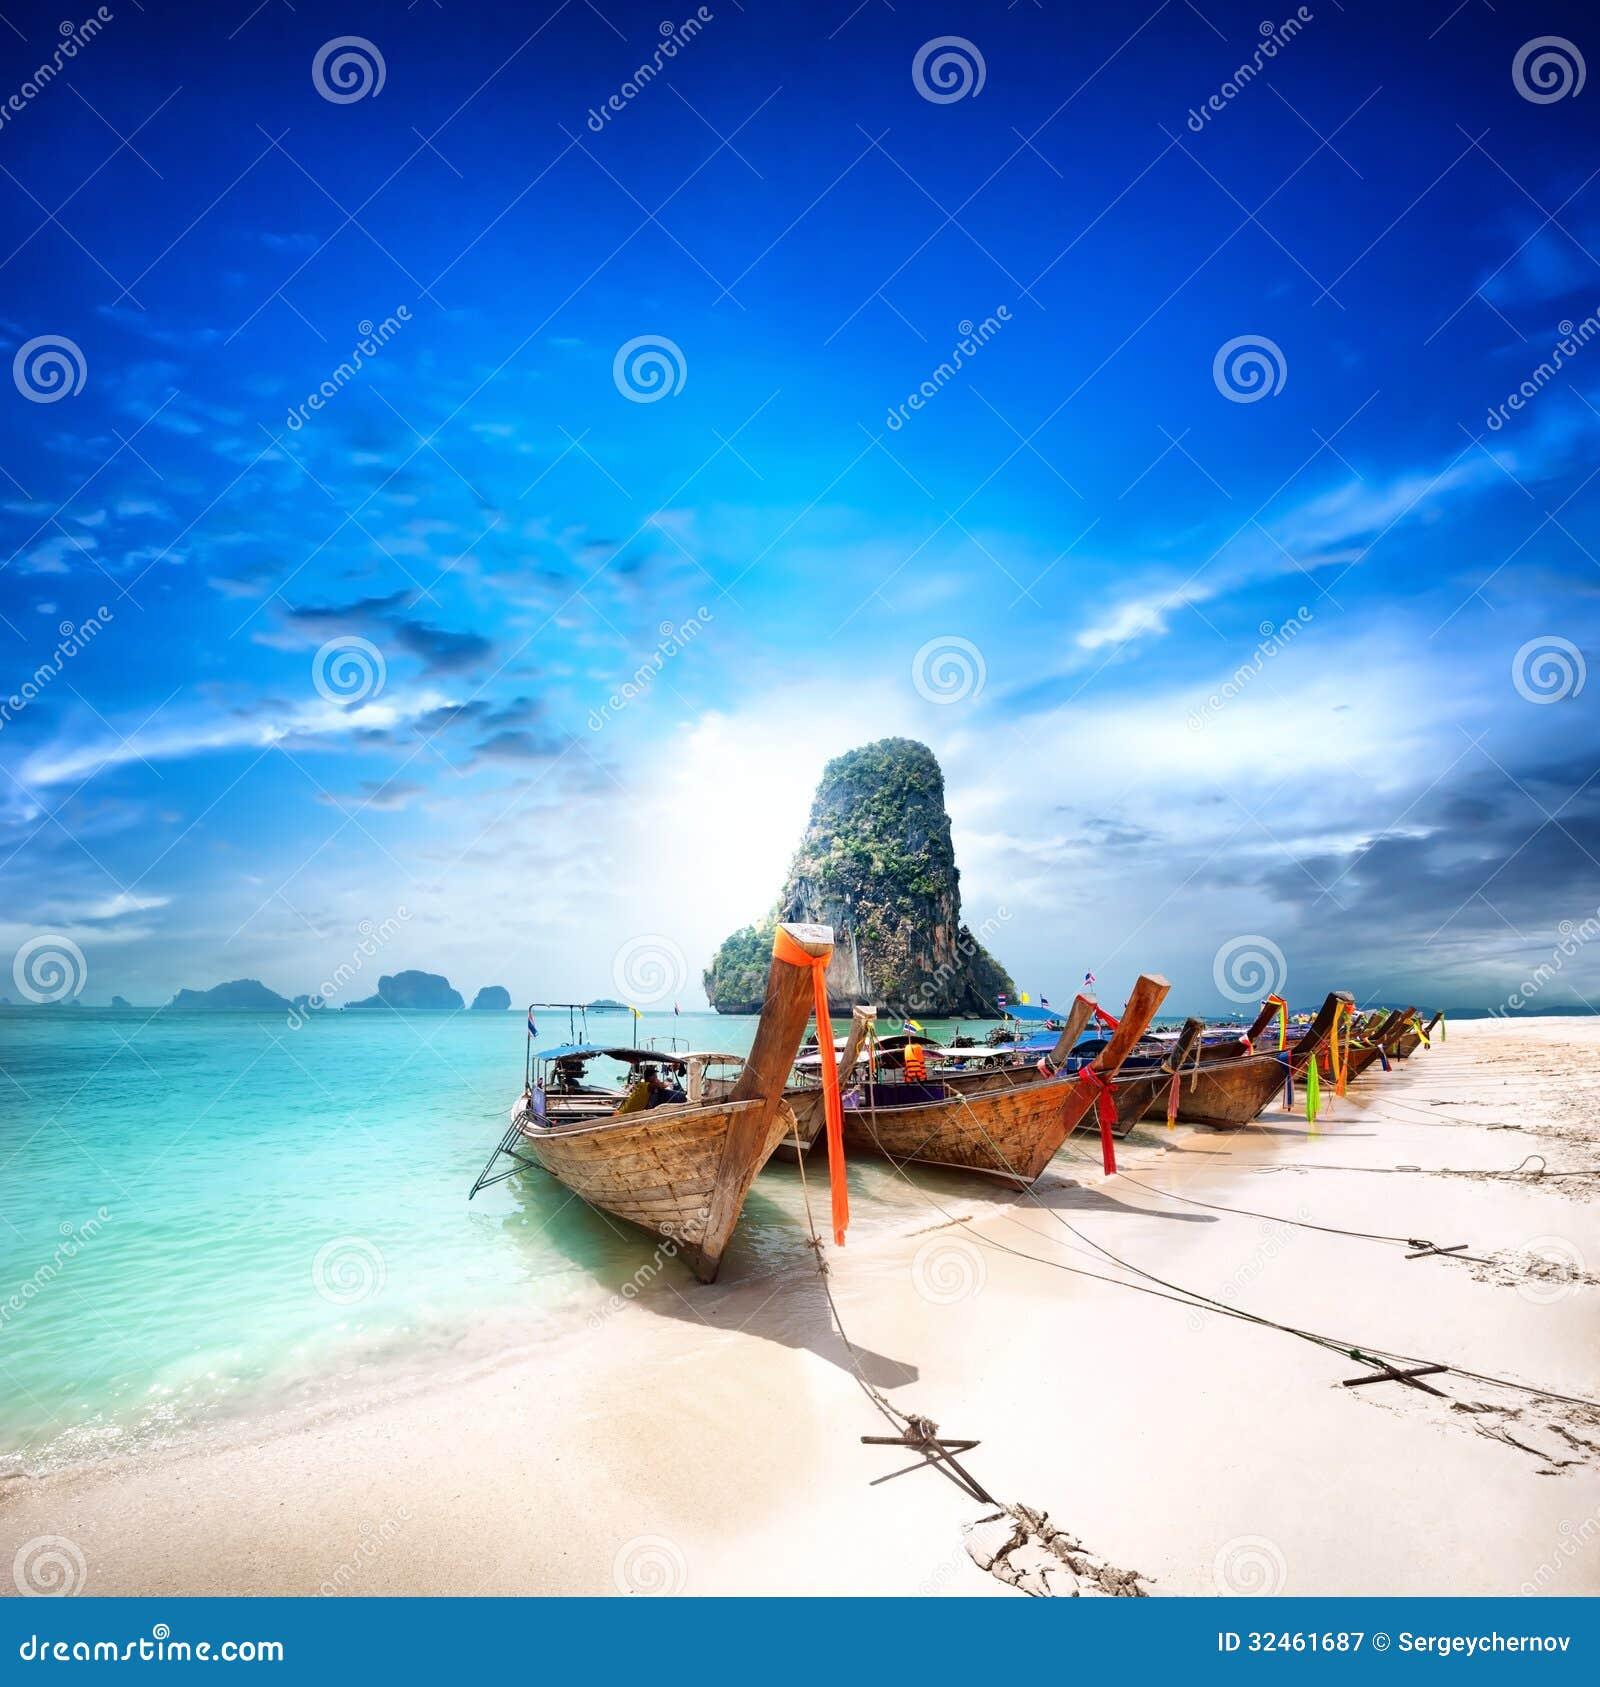 Παραλία της Ταϊλάνδης στο τροπικό νησί. Όμορφο υπόβαθρο ταξιδιού